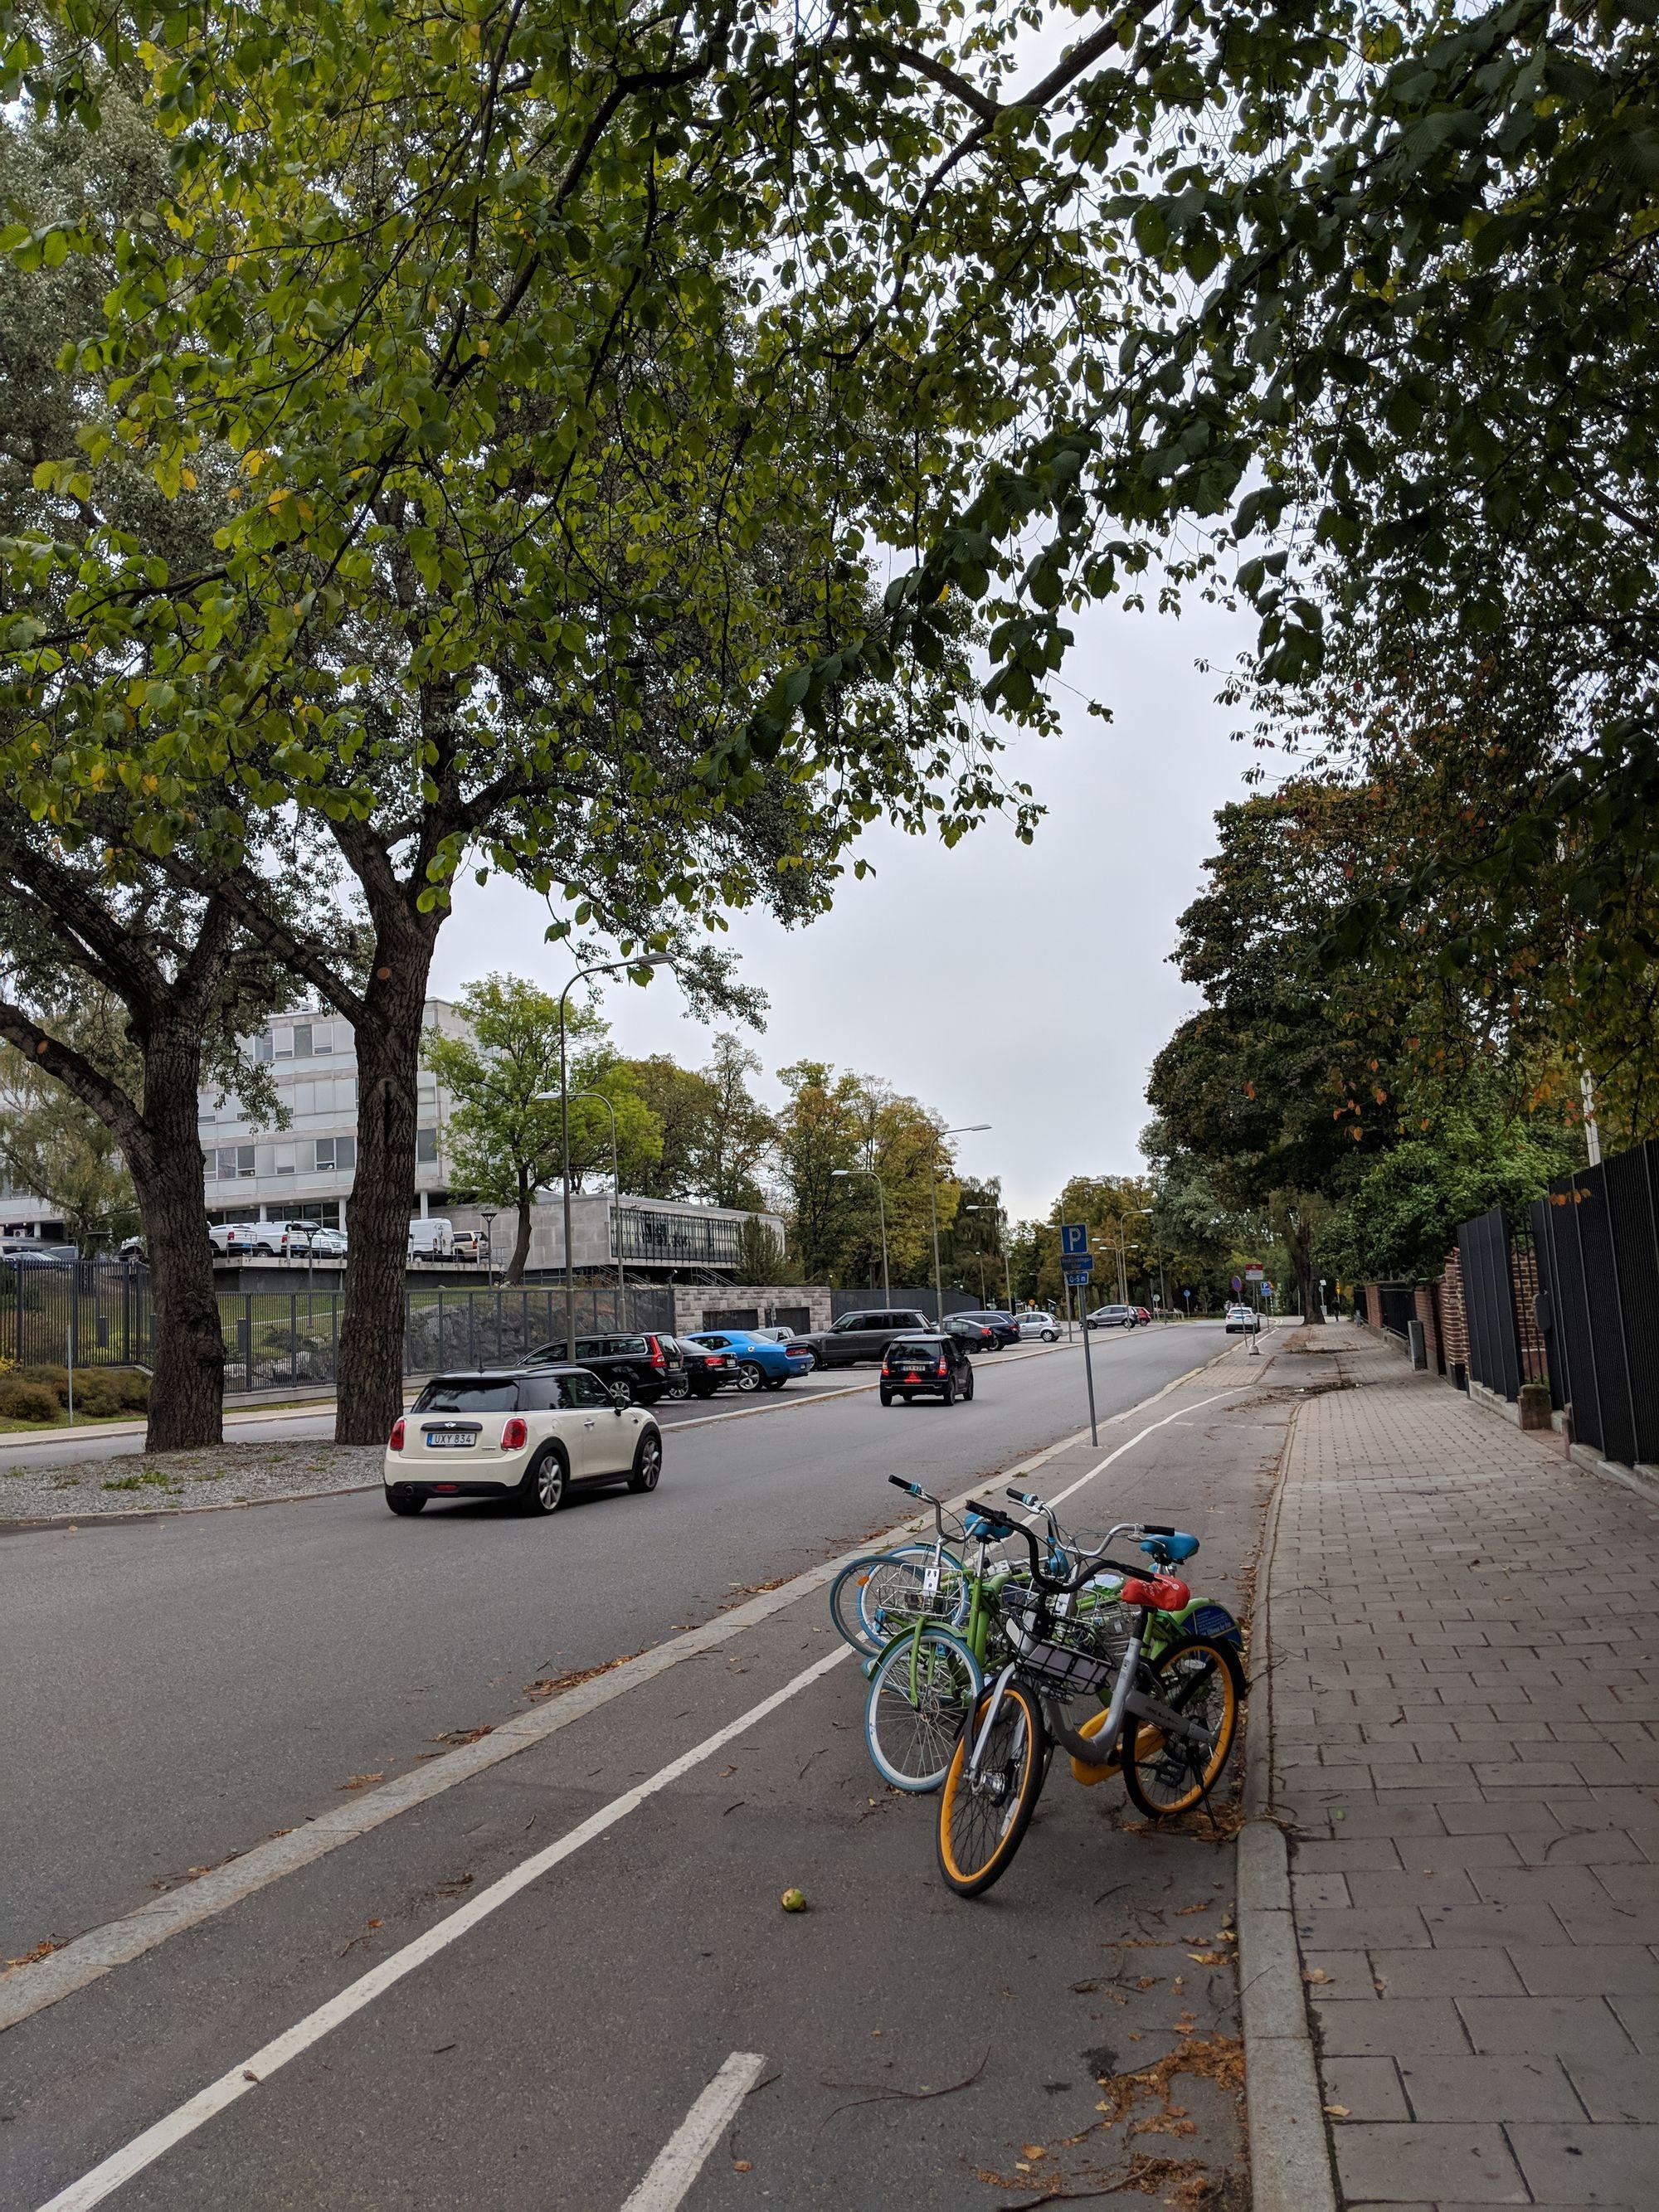 Det är cyklar överallt.